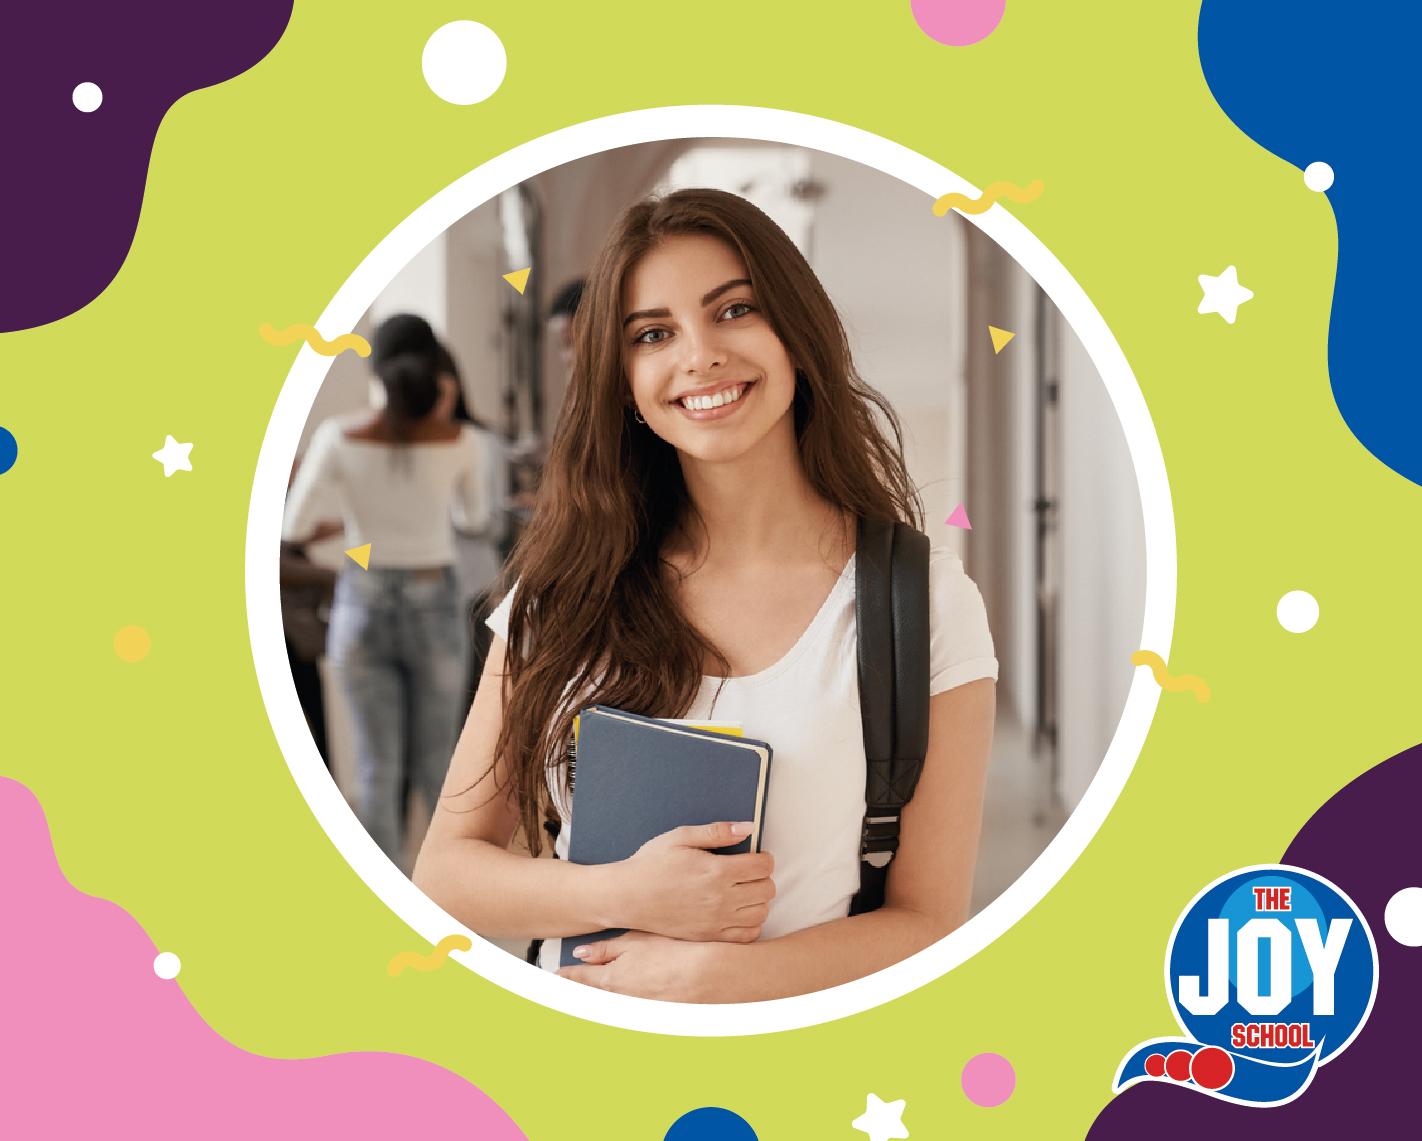 The Joy - Estudo Logo